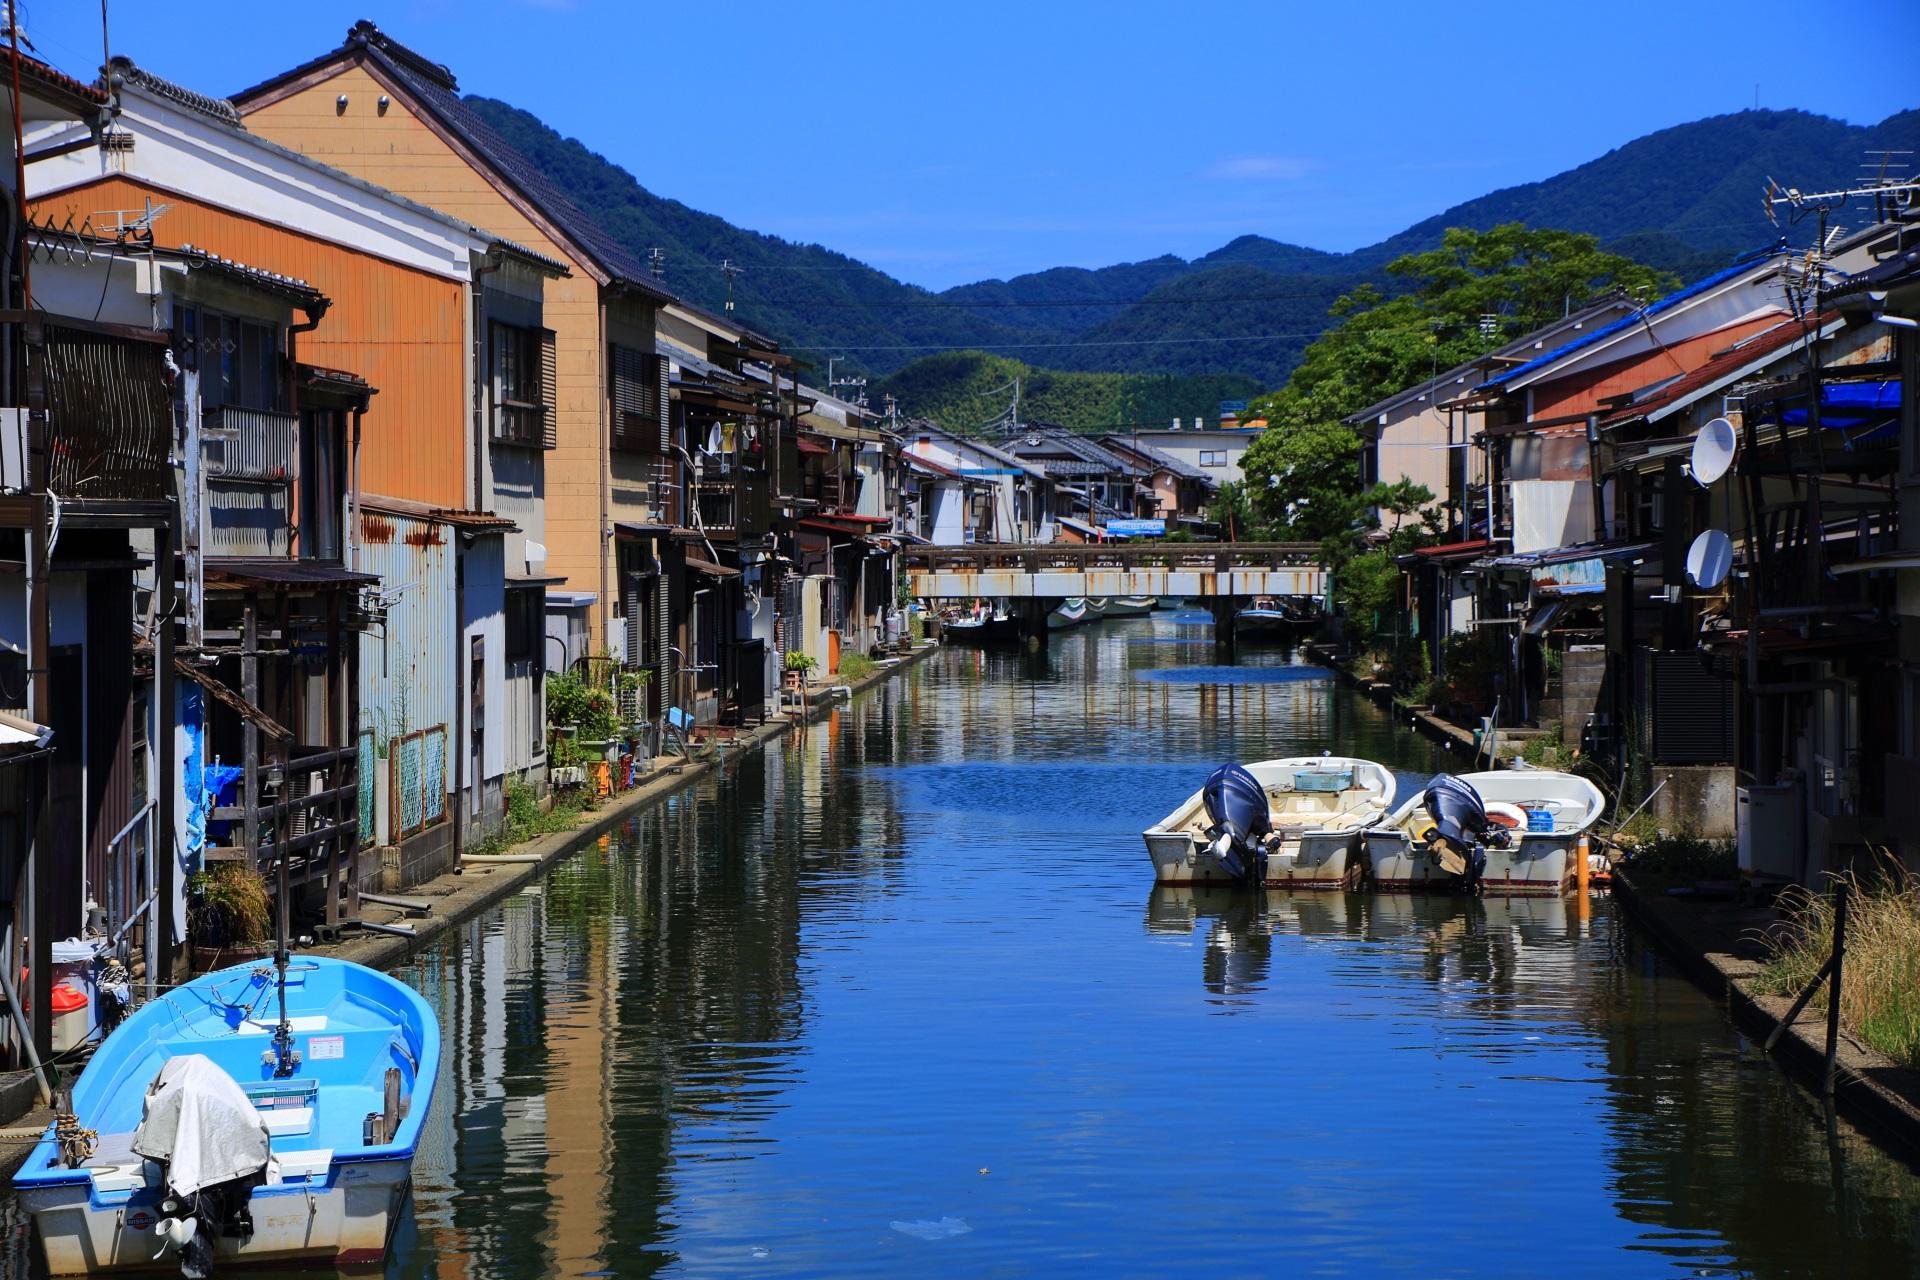 伊佐津川の東側を流れる人工水路である舞鶴の吉原入江